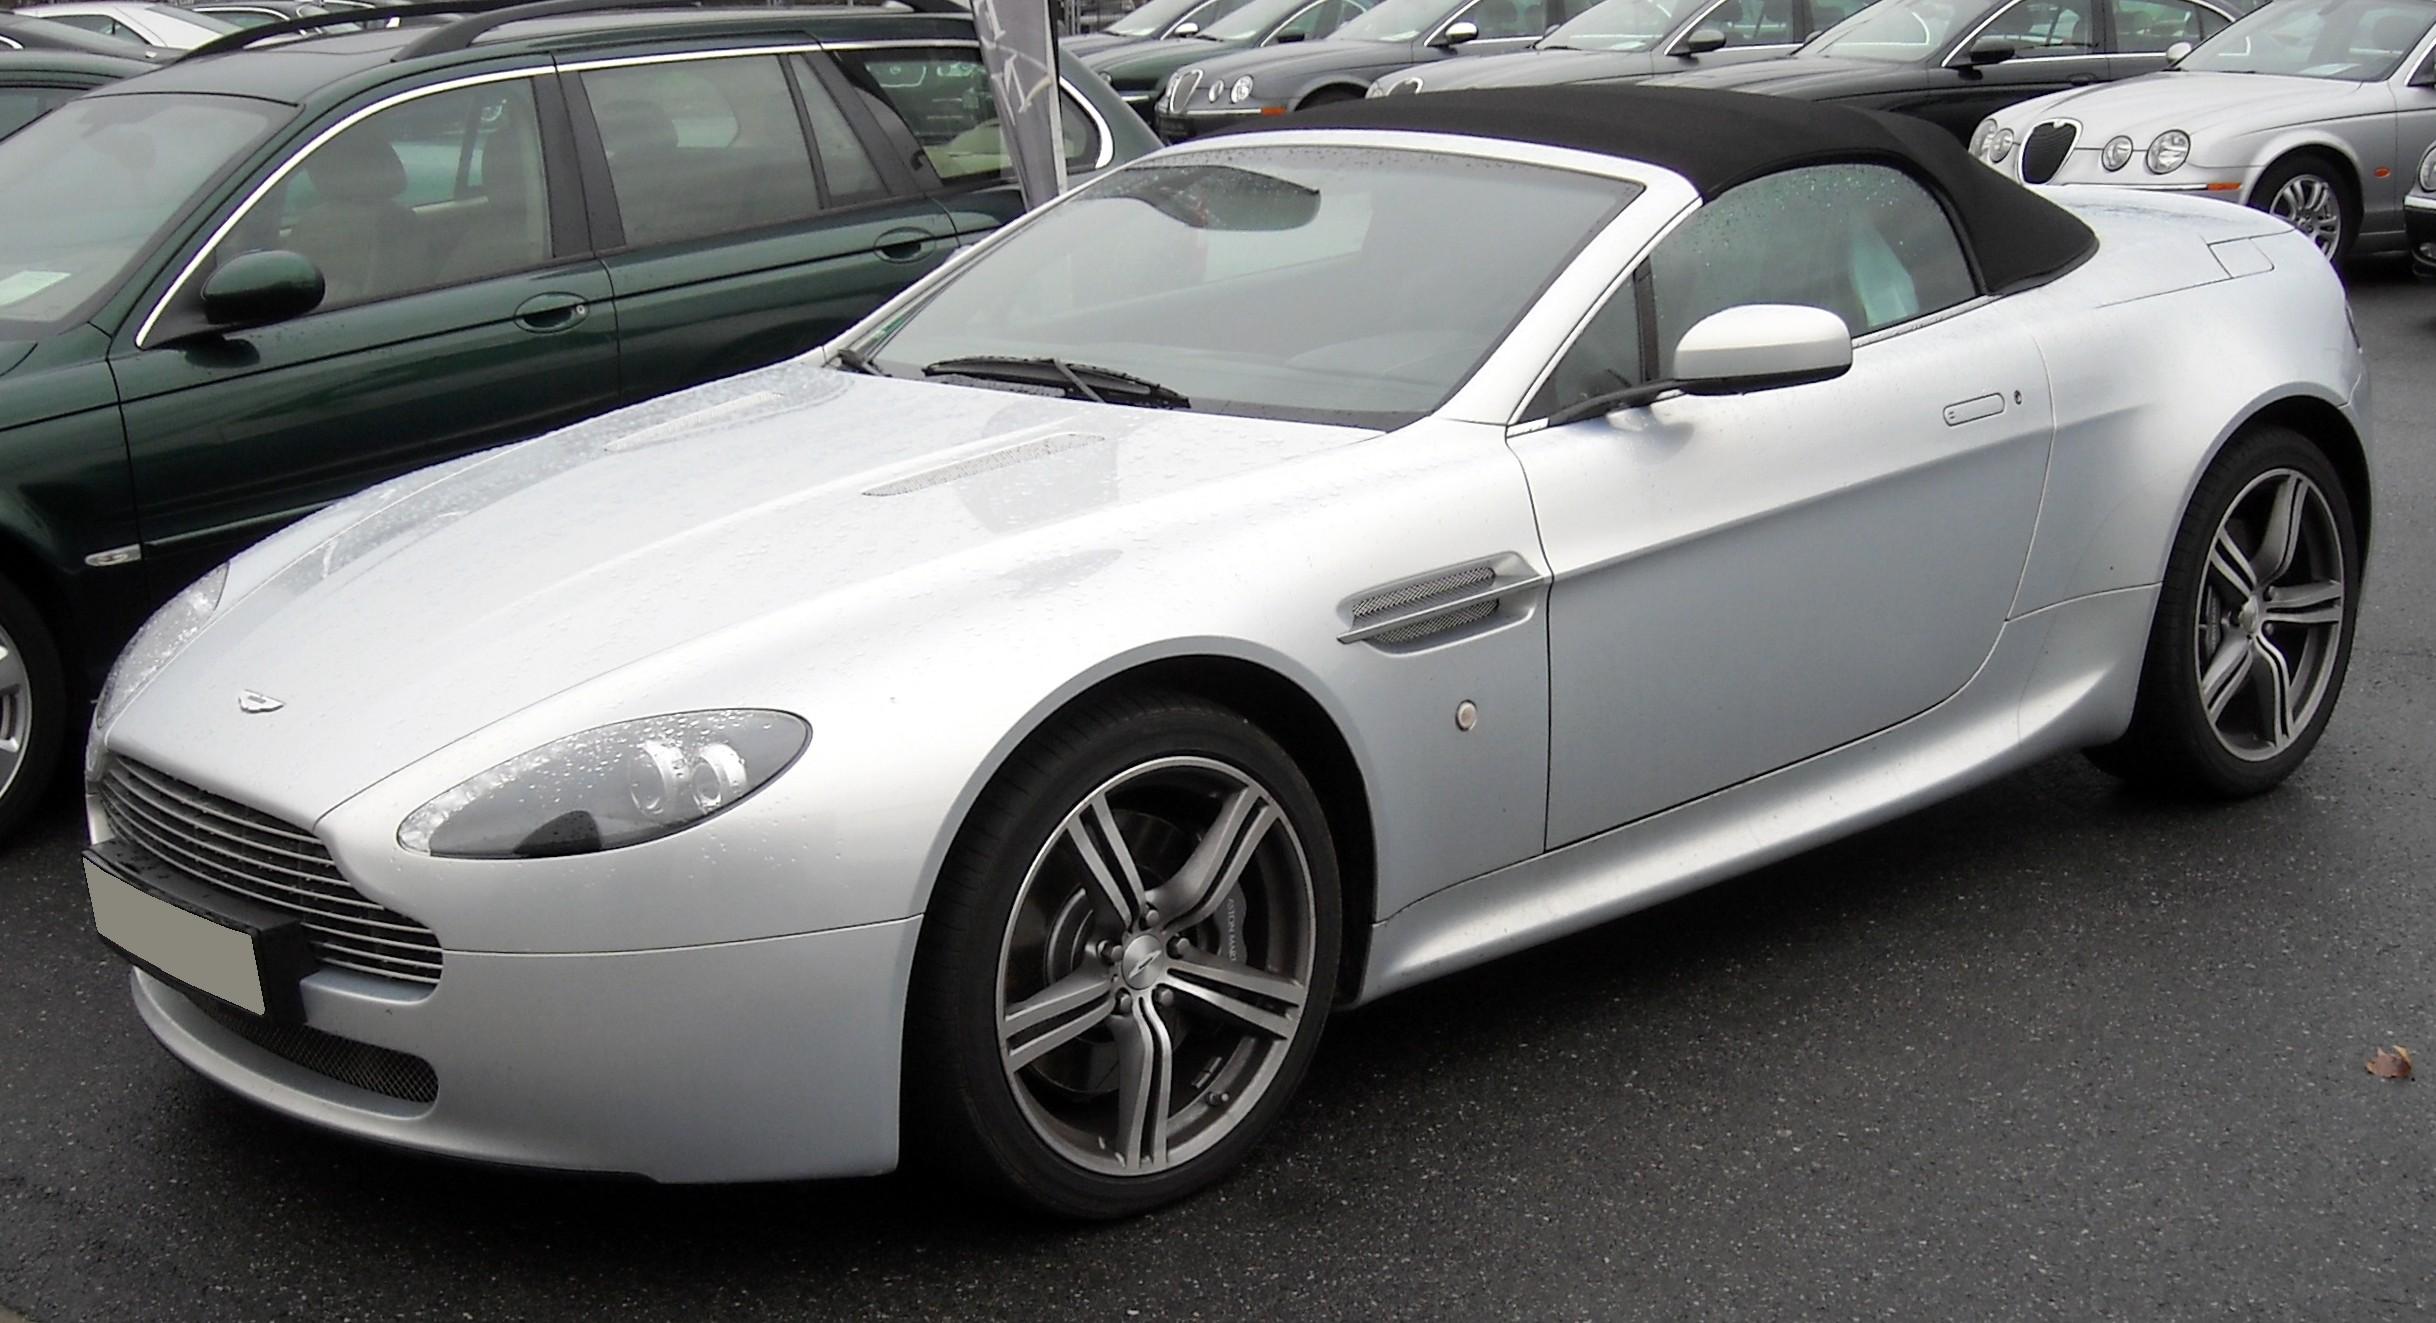 file:aston martin v8 vantage roadster silver front 20081204